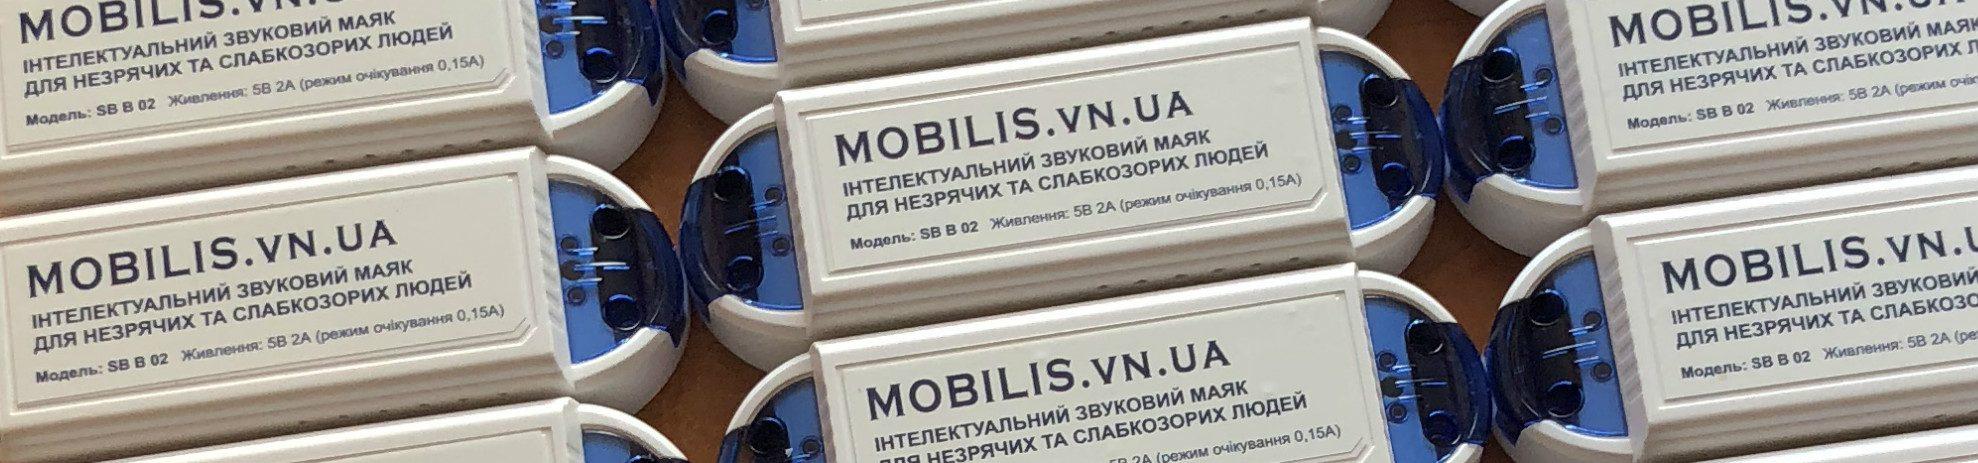 mobilis.vn.ua